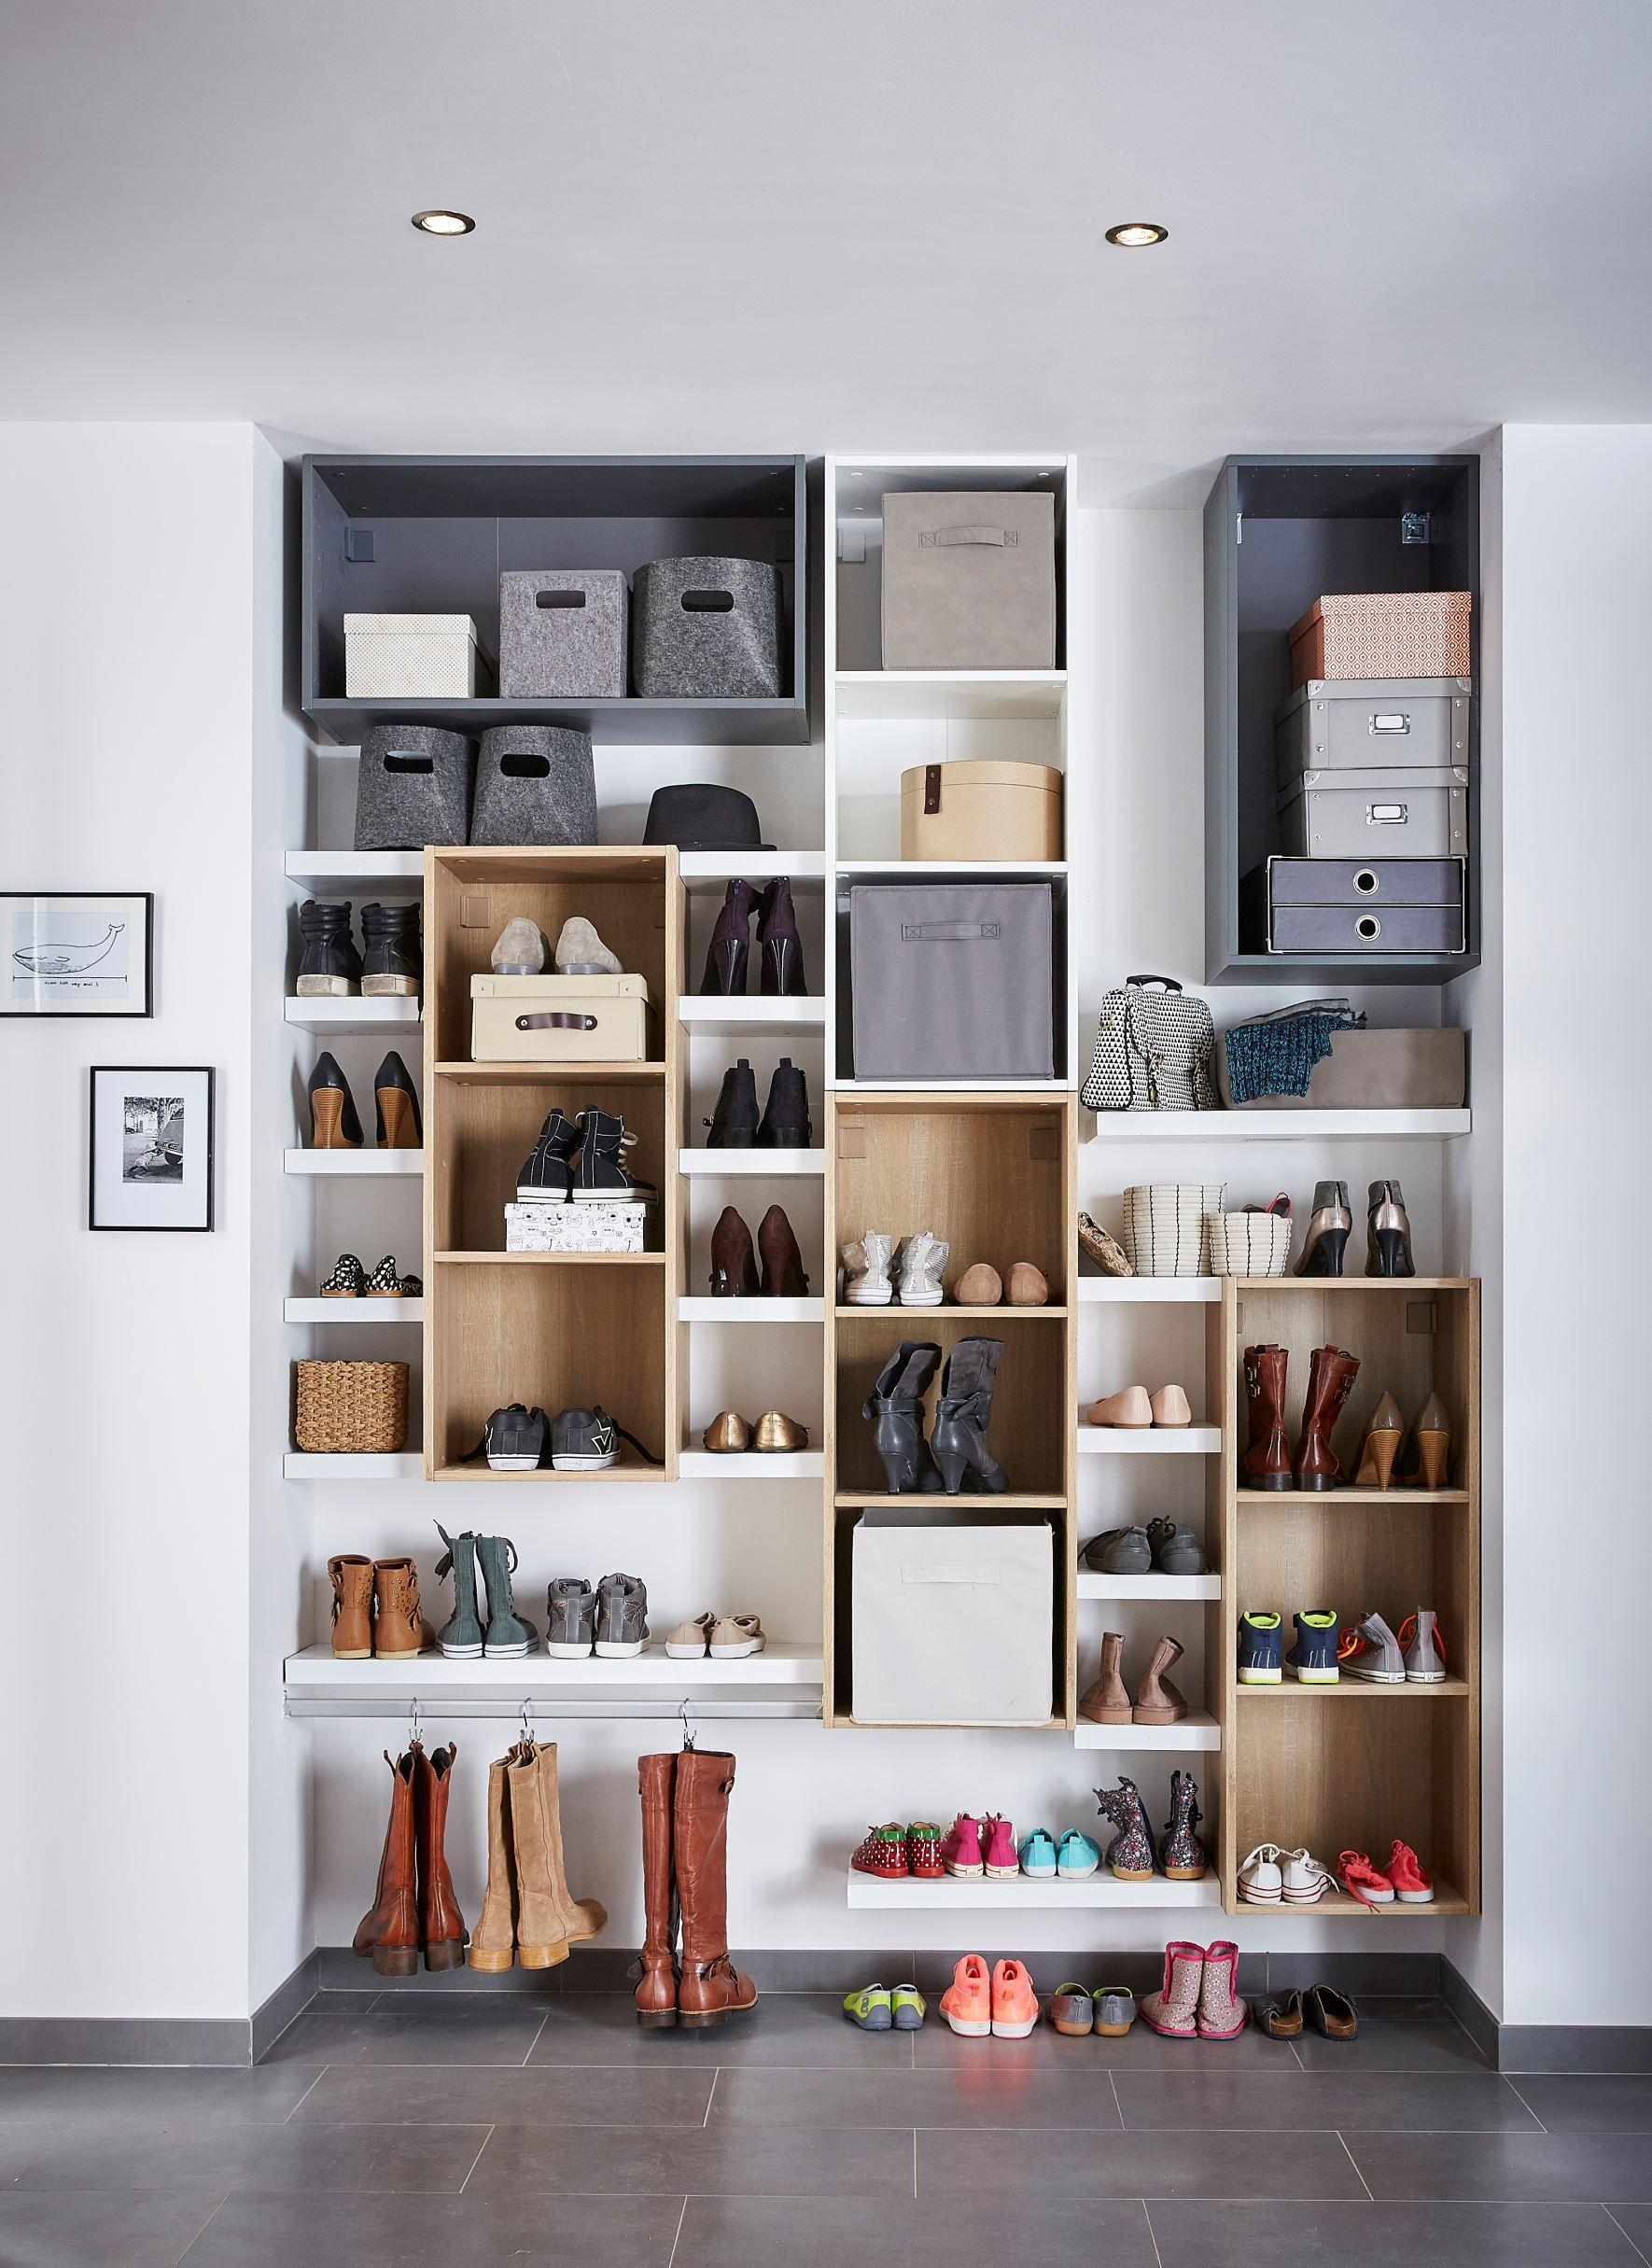 rangement chaussures rangement cellier buanderie entr e maison pinterest rangement. Black Bedroom Furniture Sets. Home Design Ideas